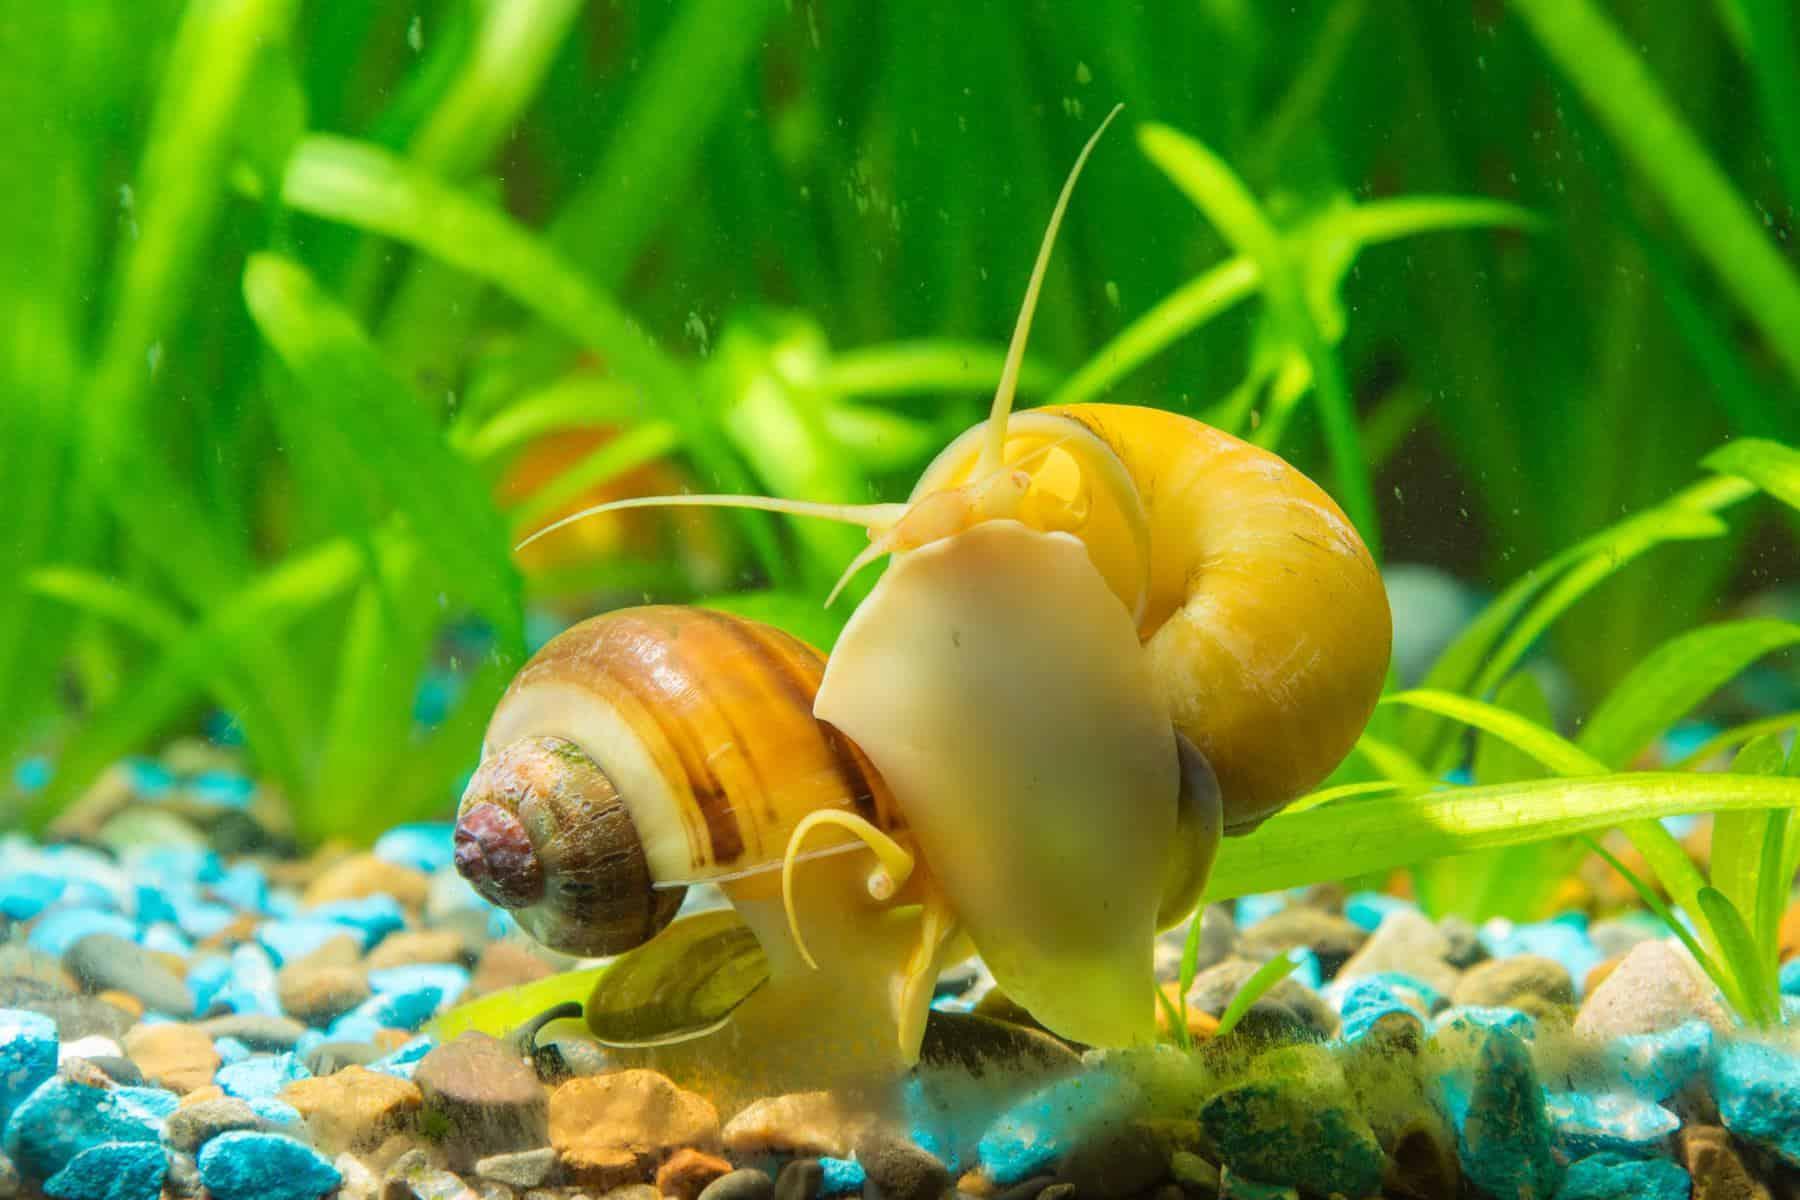 gold inca snail and tankmates in aquarium